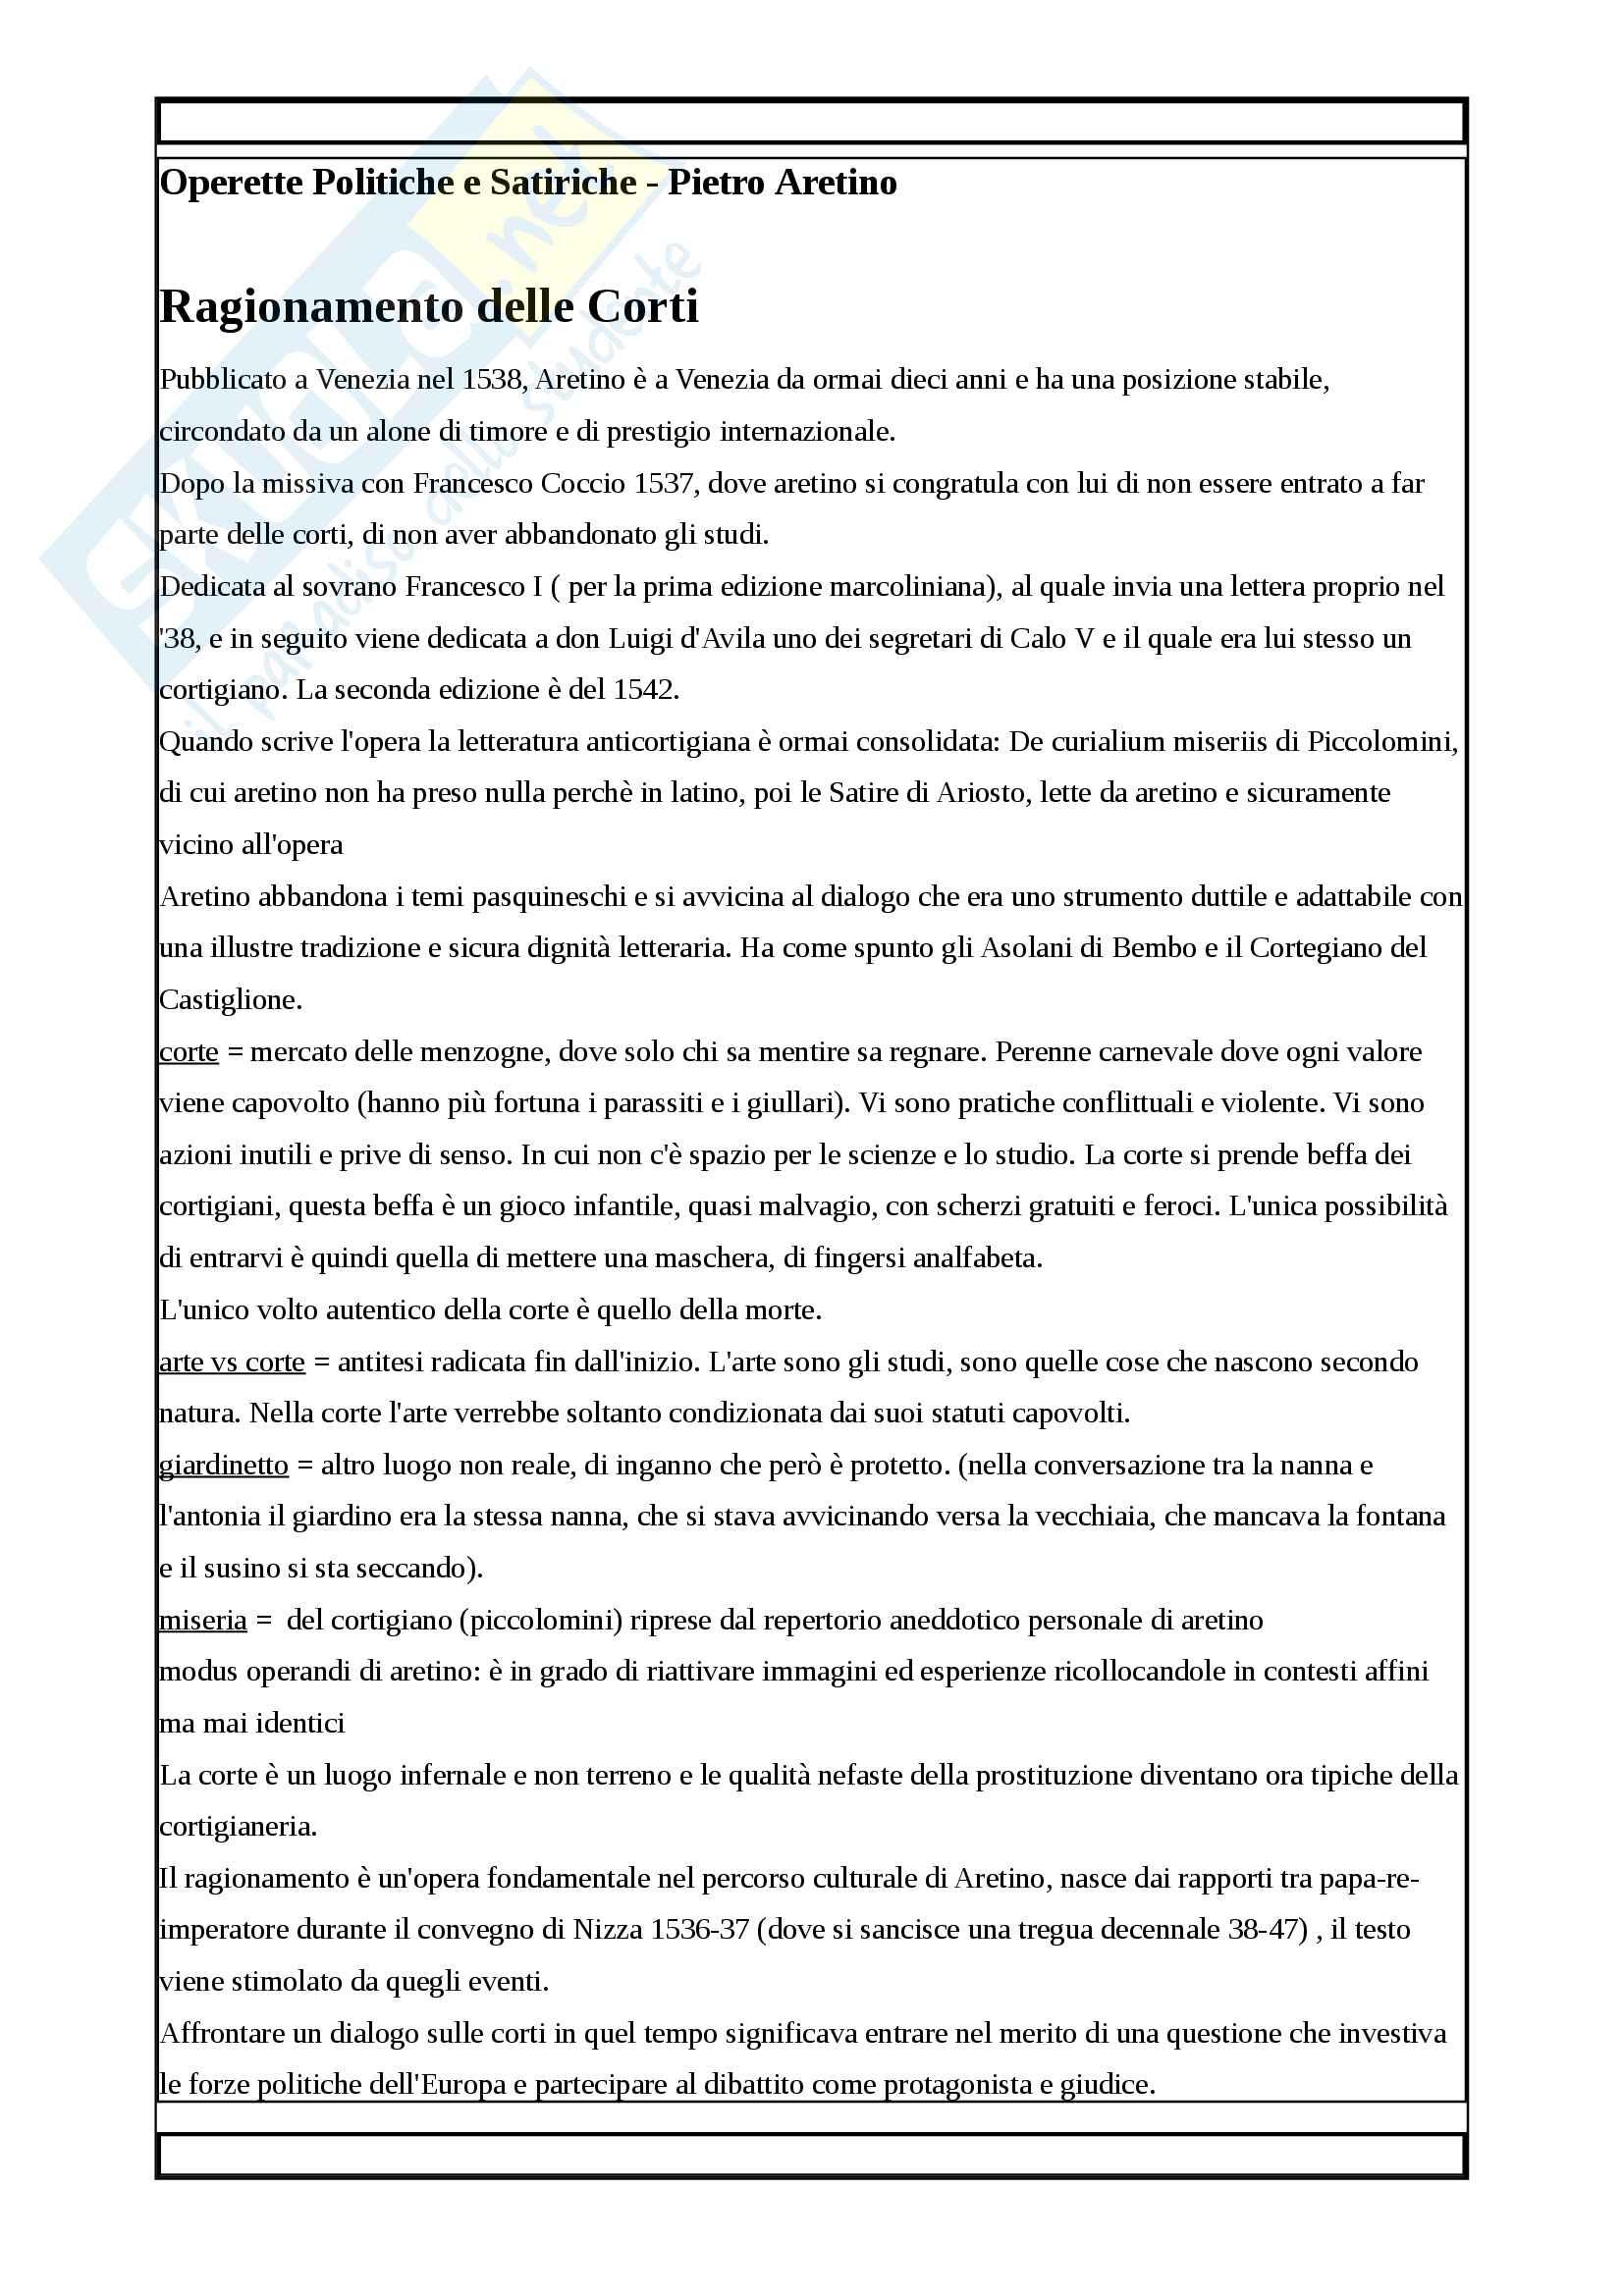 Riassunto per l'esame di Letteratura Italiana, prof. Crimi, libro consigliato Operette Politiche e Satiriche, Pietro Aretino